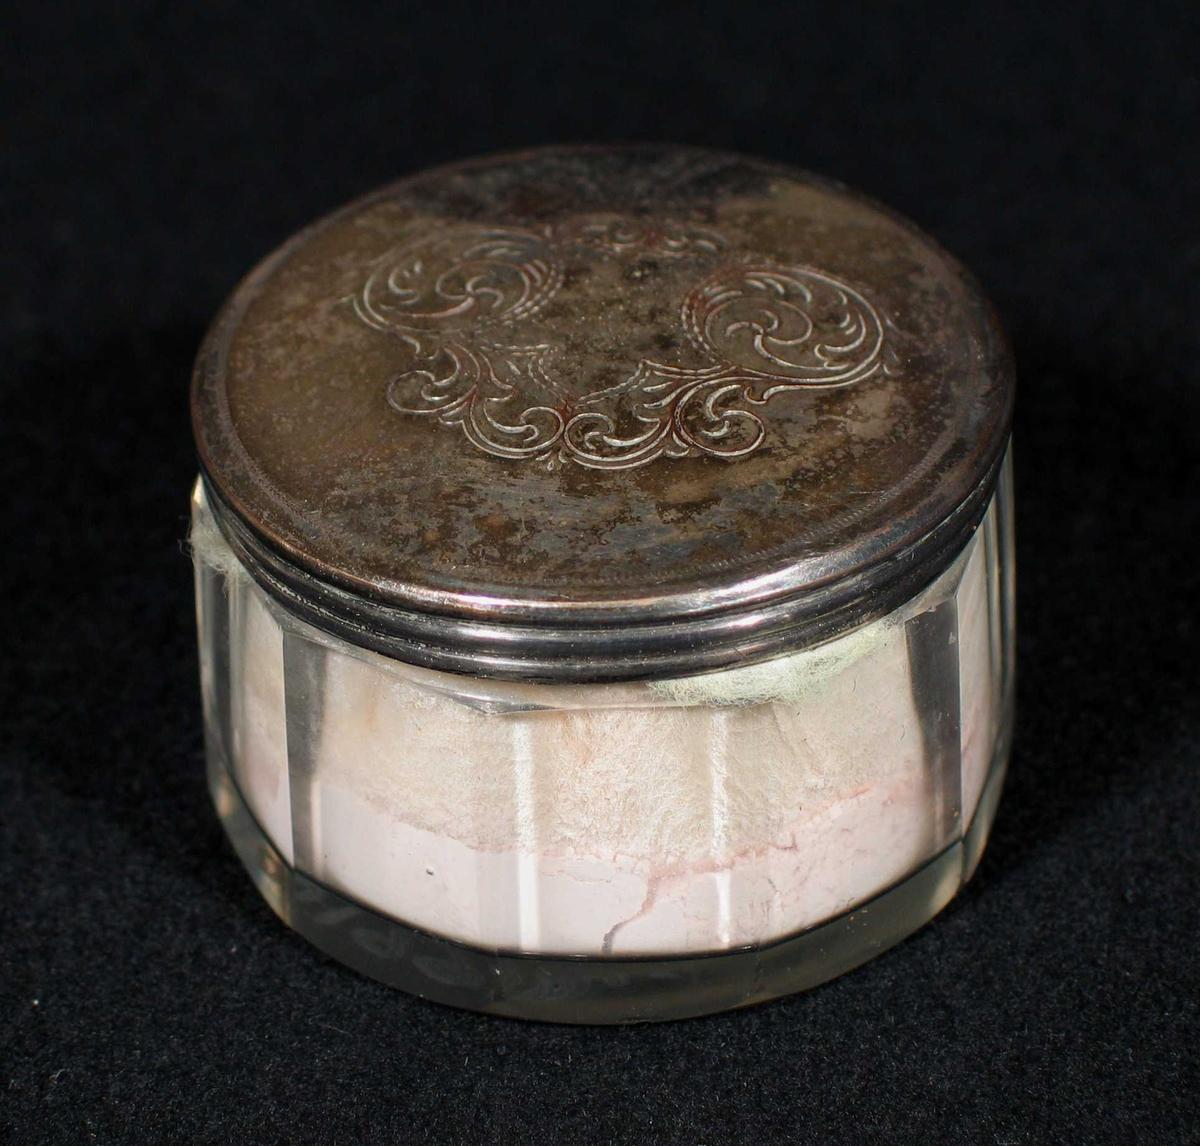 Glasskrukke med lokk i sølv. Gravert akantusmotiv på lokket. Inneholder rosa pudder